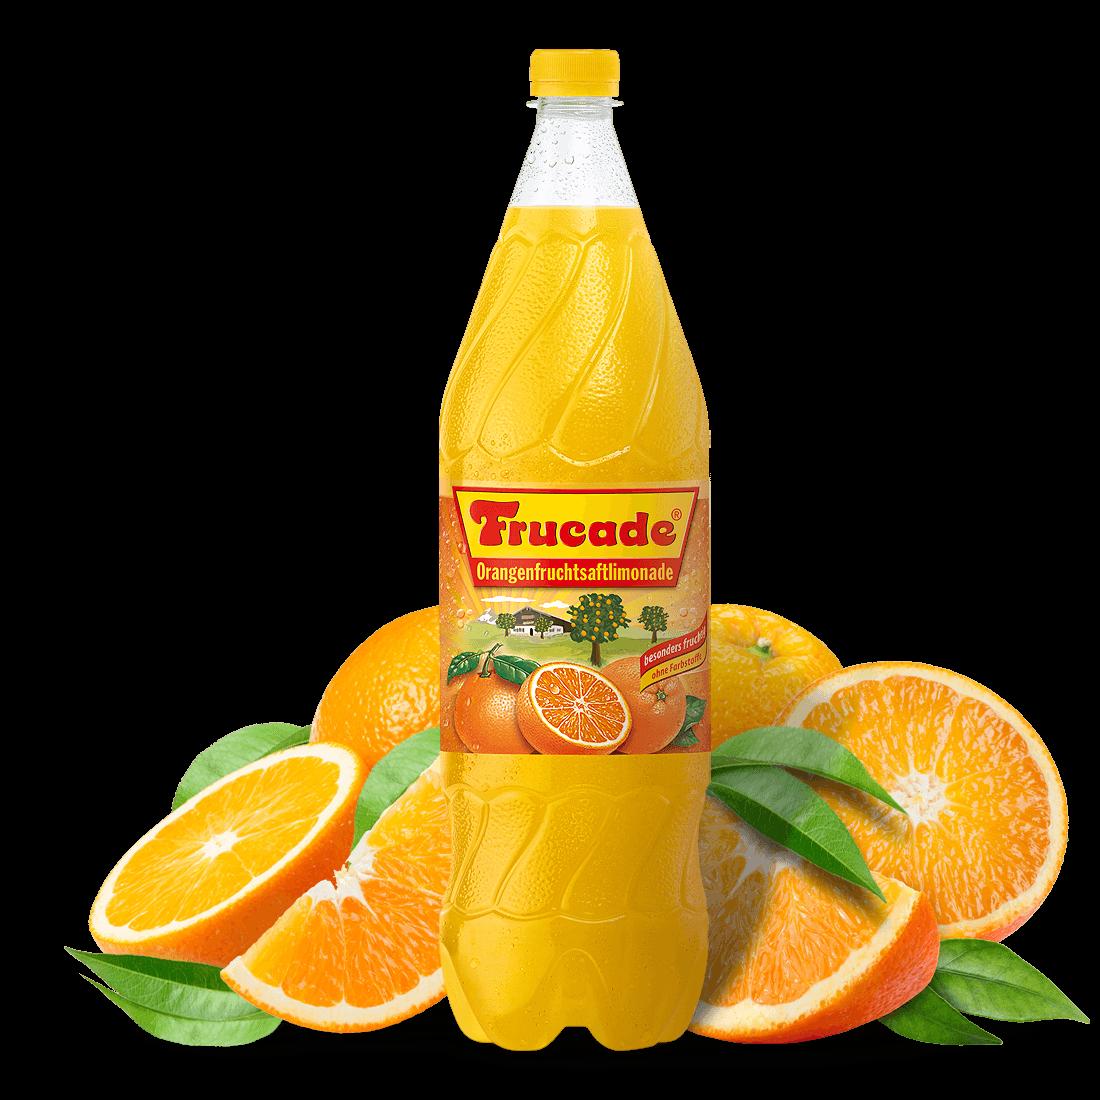 Orangenfruchtsaftlimonade